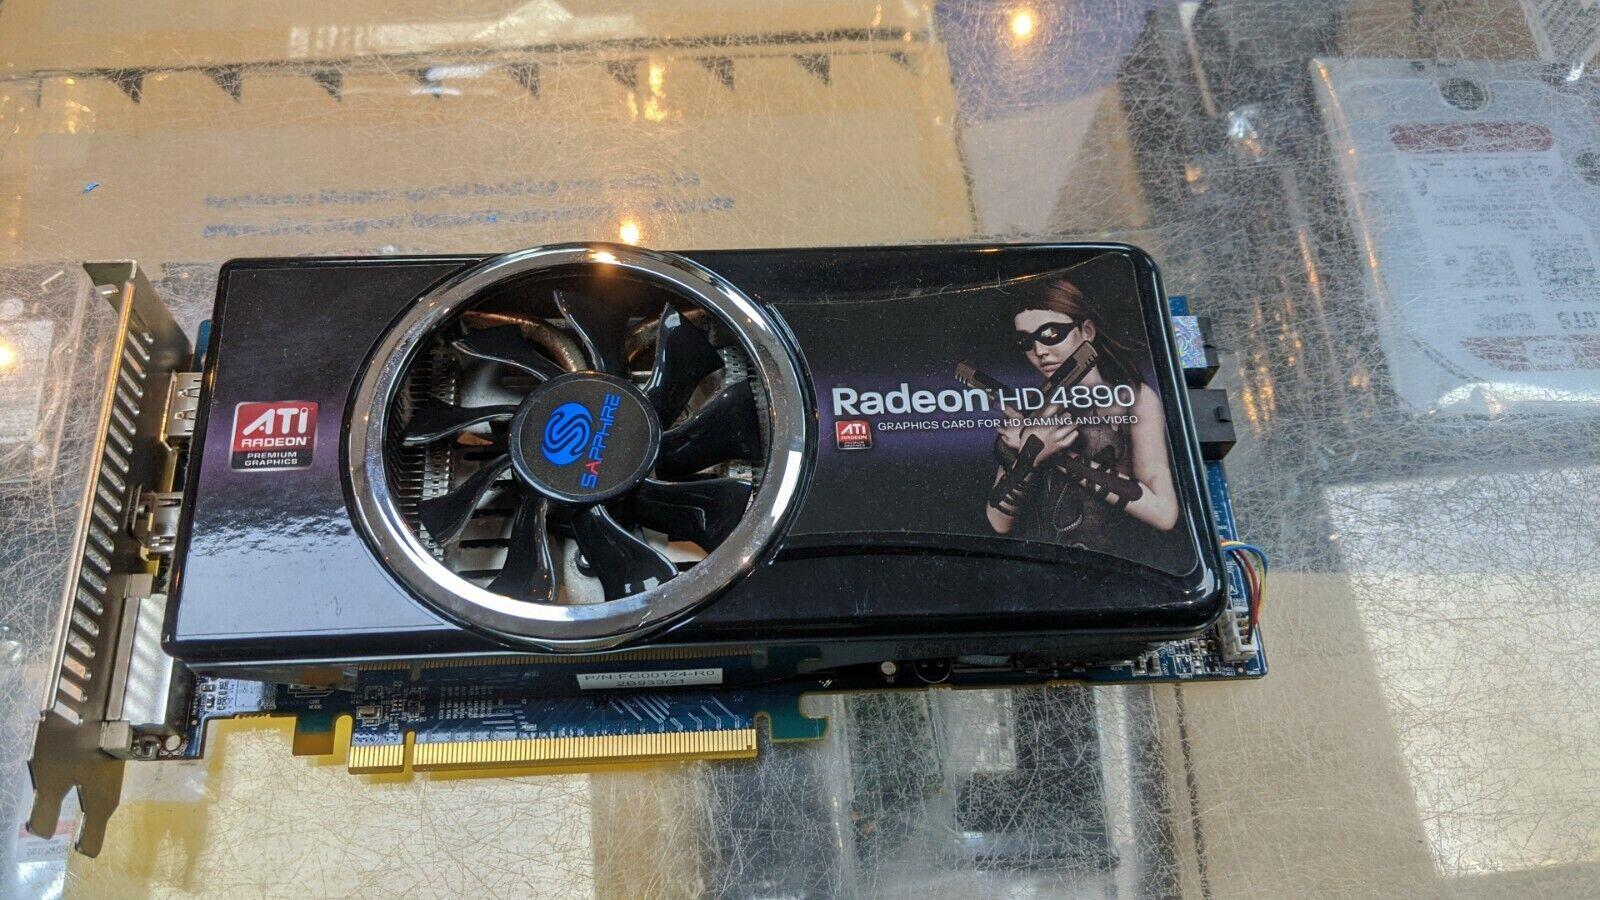 AMD ATI Radeon 4890 Graphics / Video Card 1GB GDDR5 PCI-E, Non Working Parts!